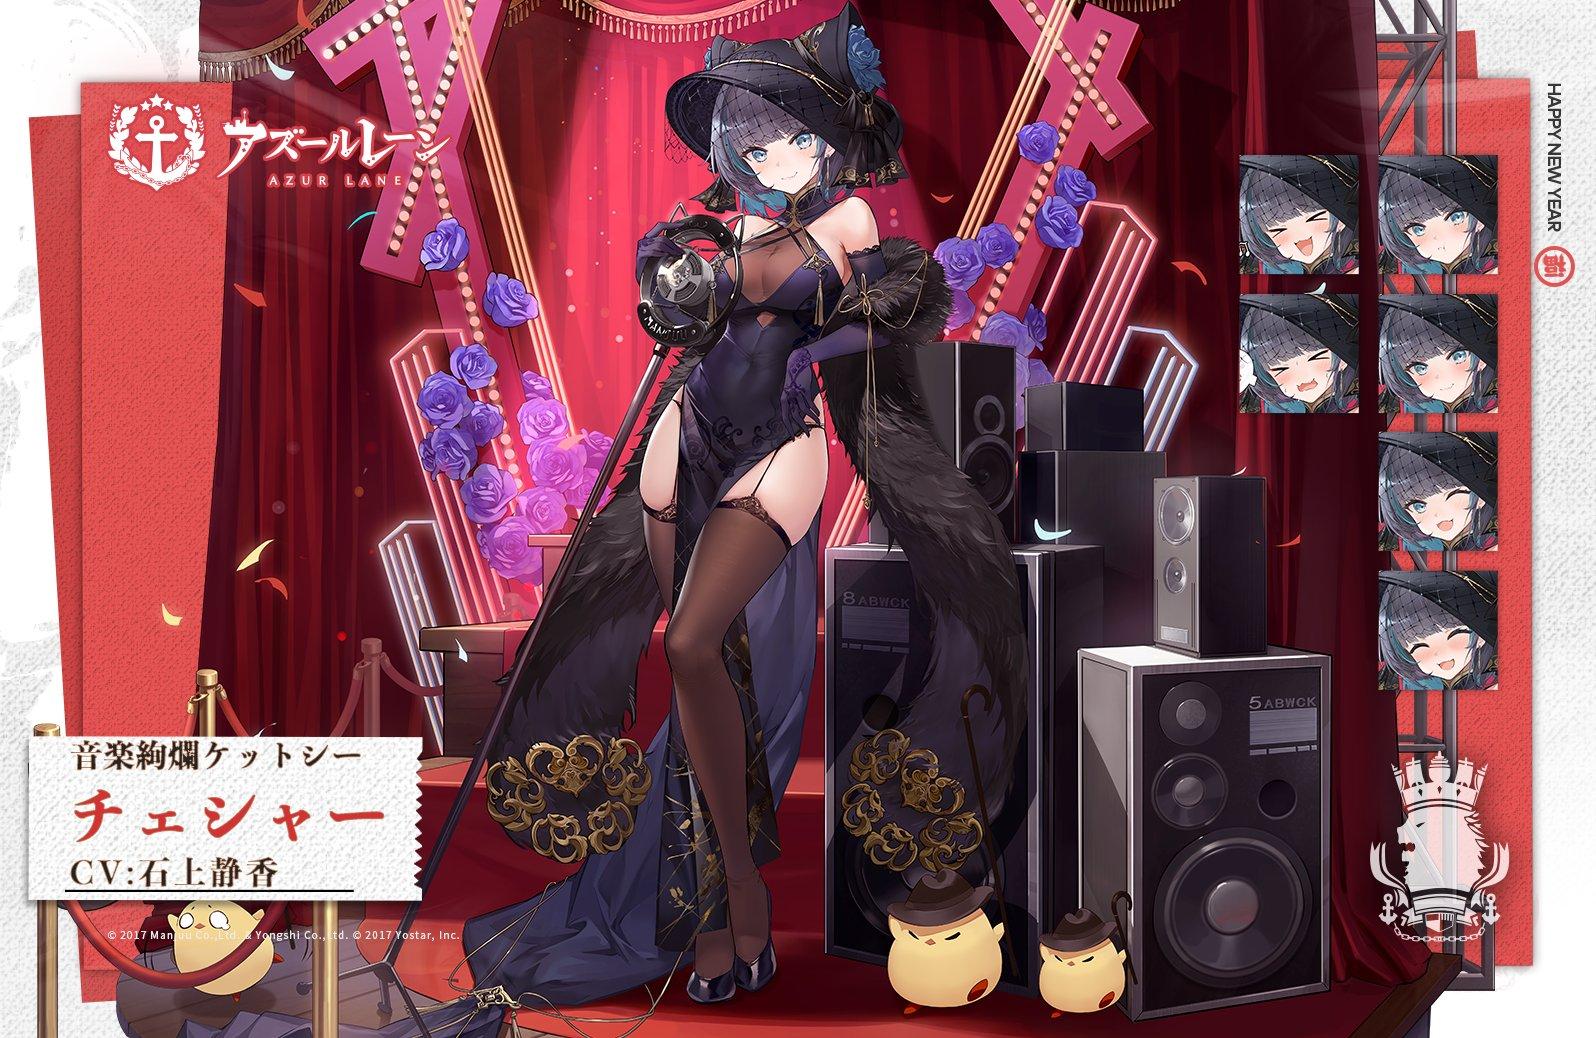 チェシャー 音楽絢爛ケットシー(Live 2D)